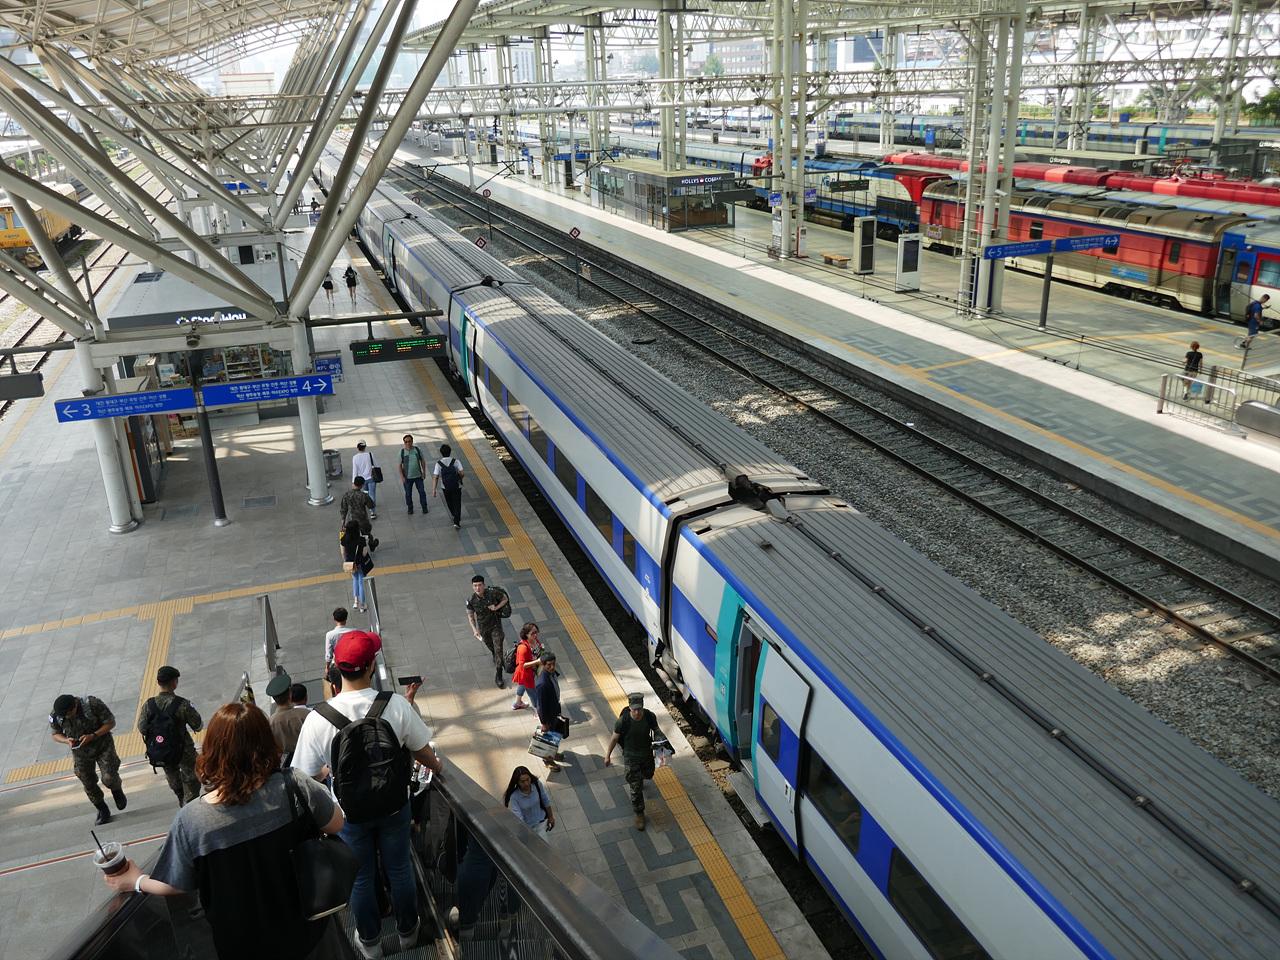 서울역에서 동대구역으로 가는 KTX에 승차하러 가고 있다.